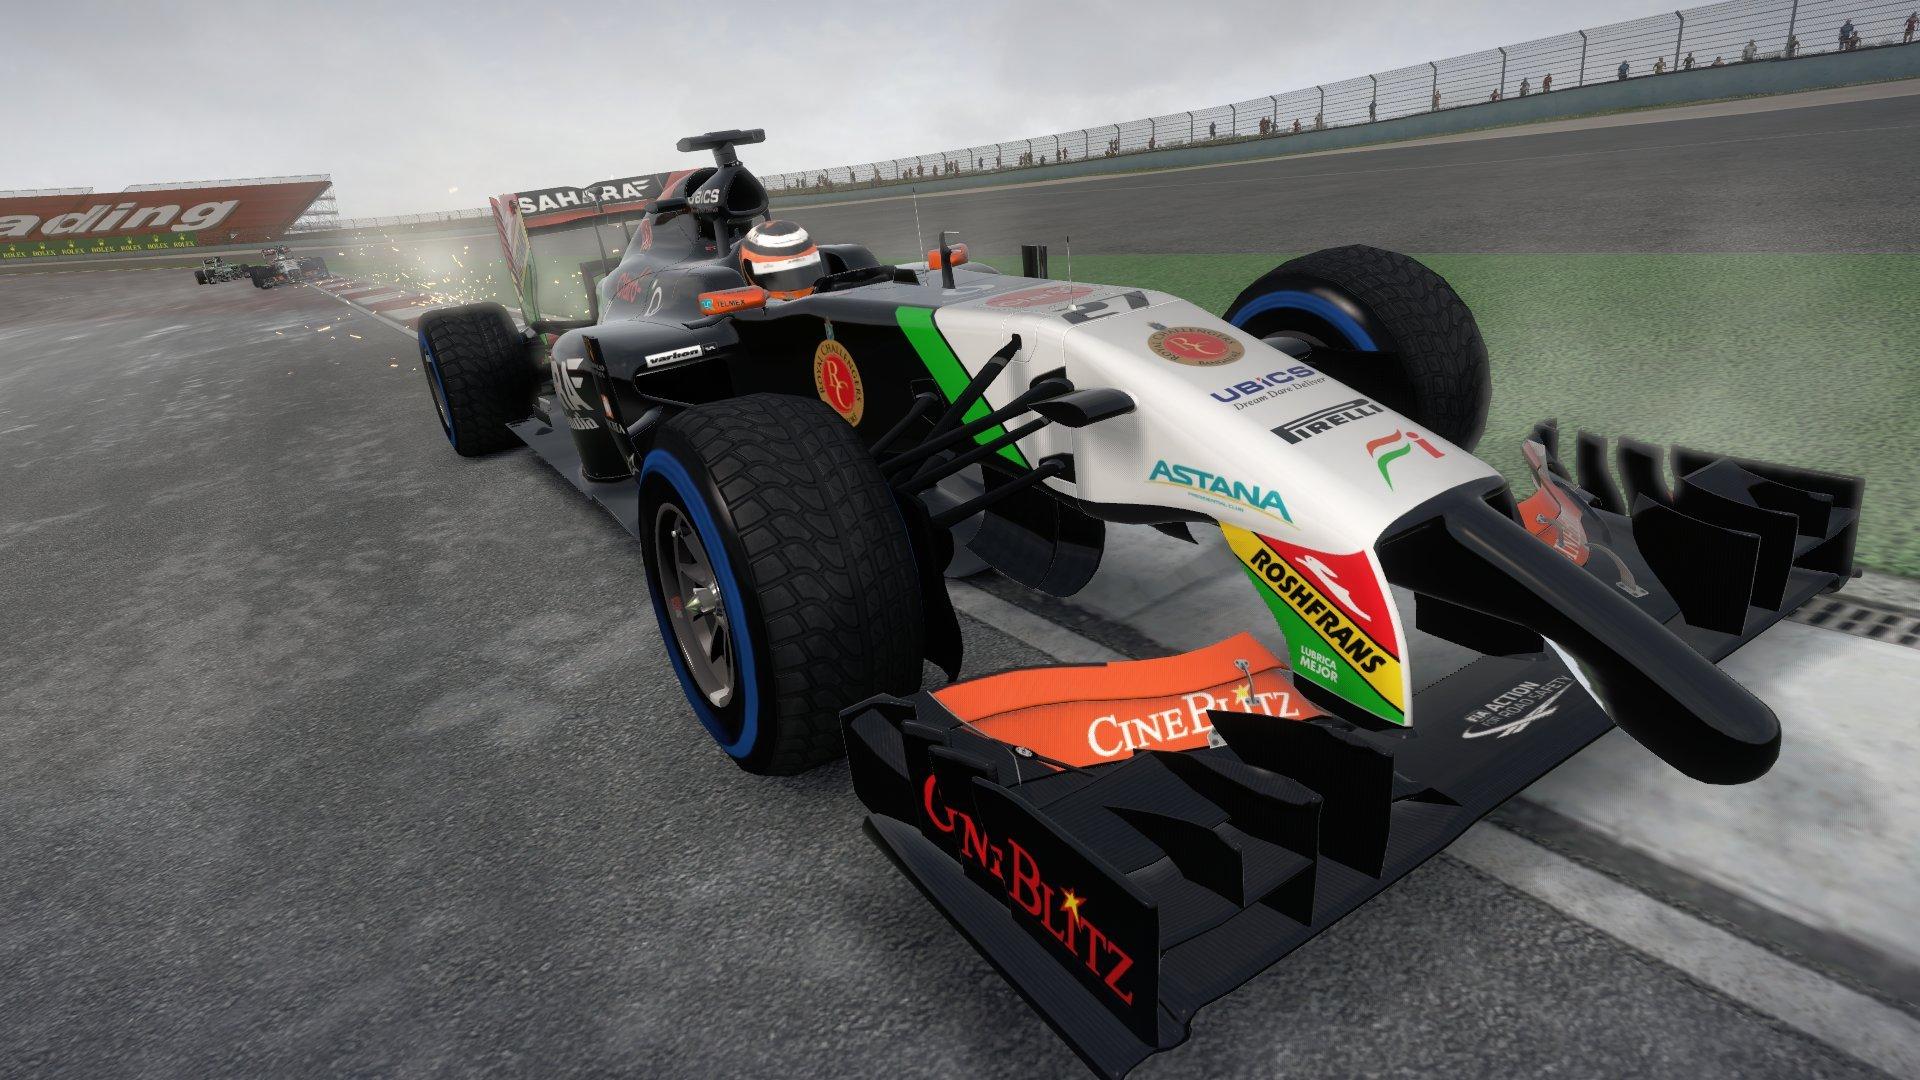 F1 2014 (Formula 1) - PlayStation 3 by Bandai (Image #16)